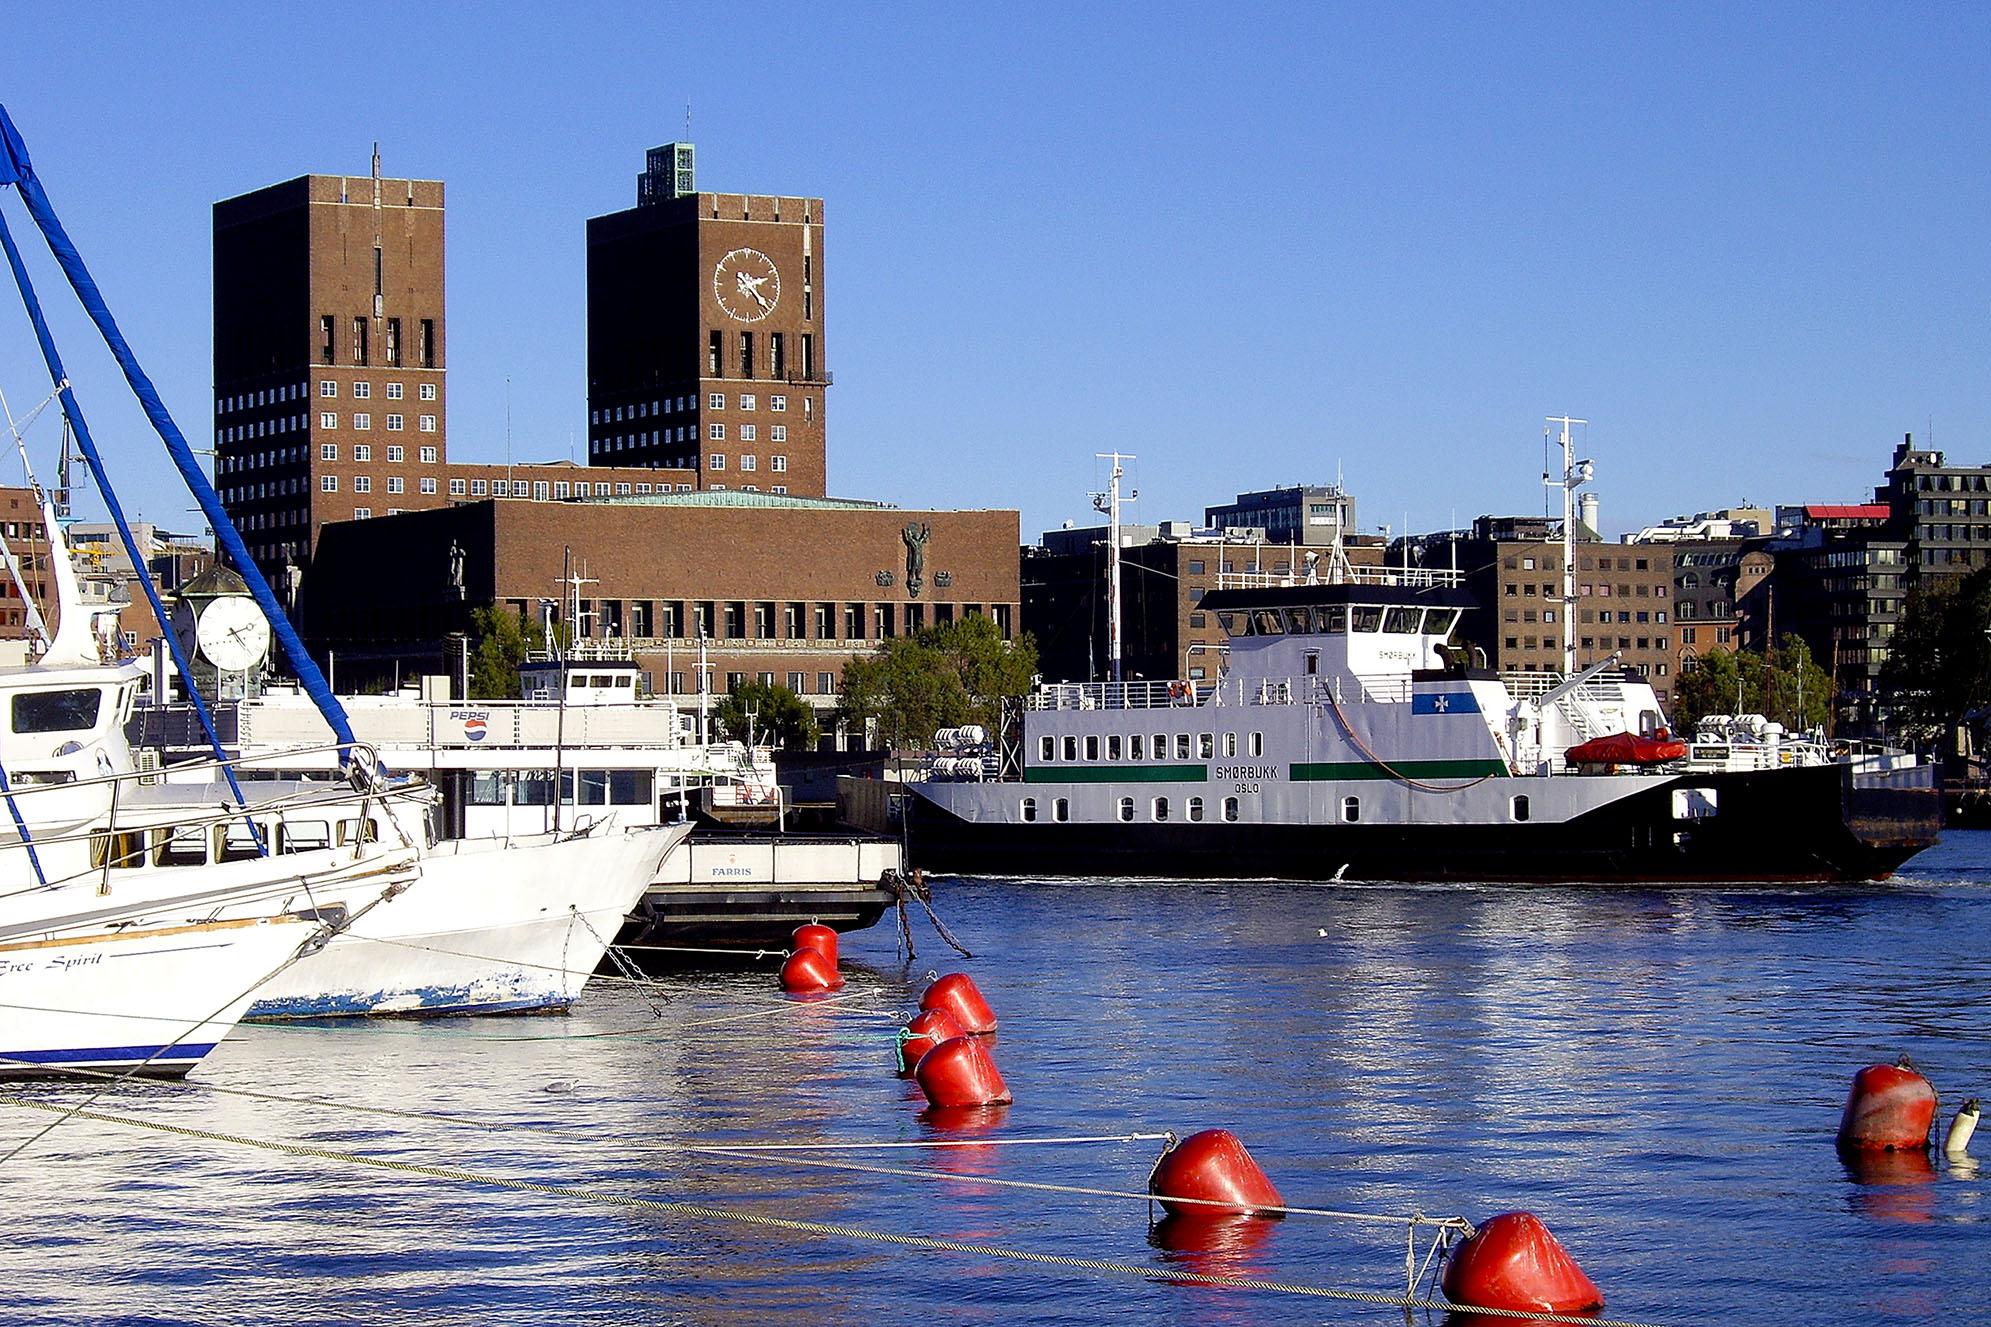 Oslo rådhus från Aker Brygge. Huvudstäder.